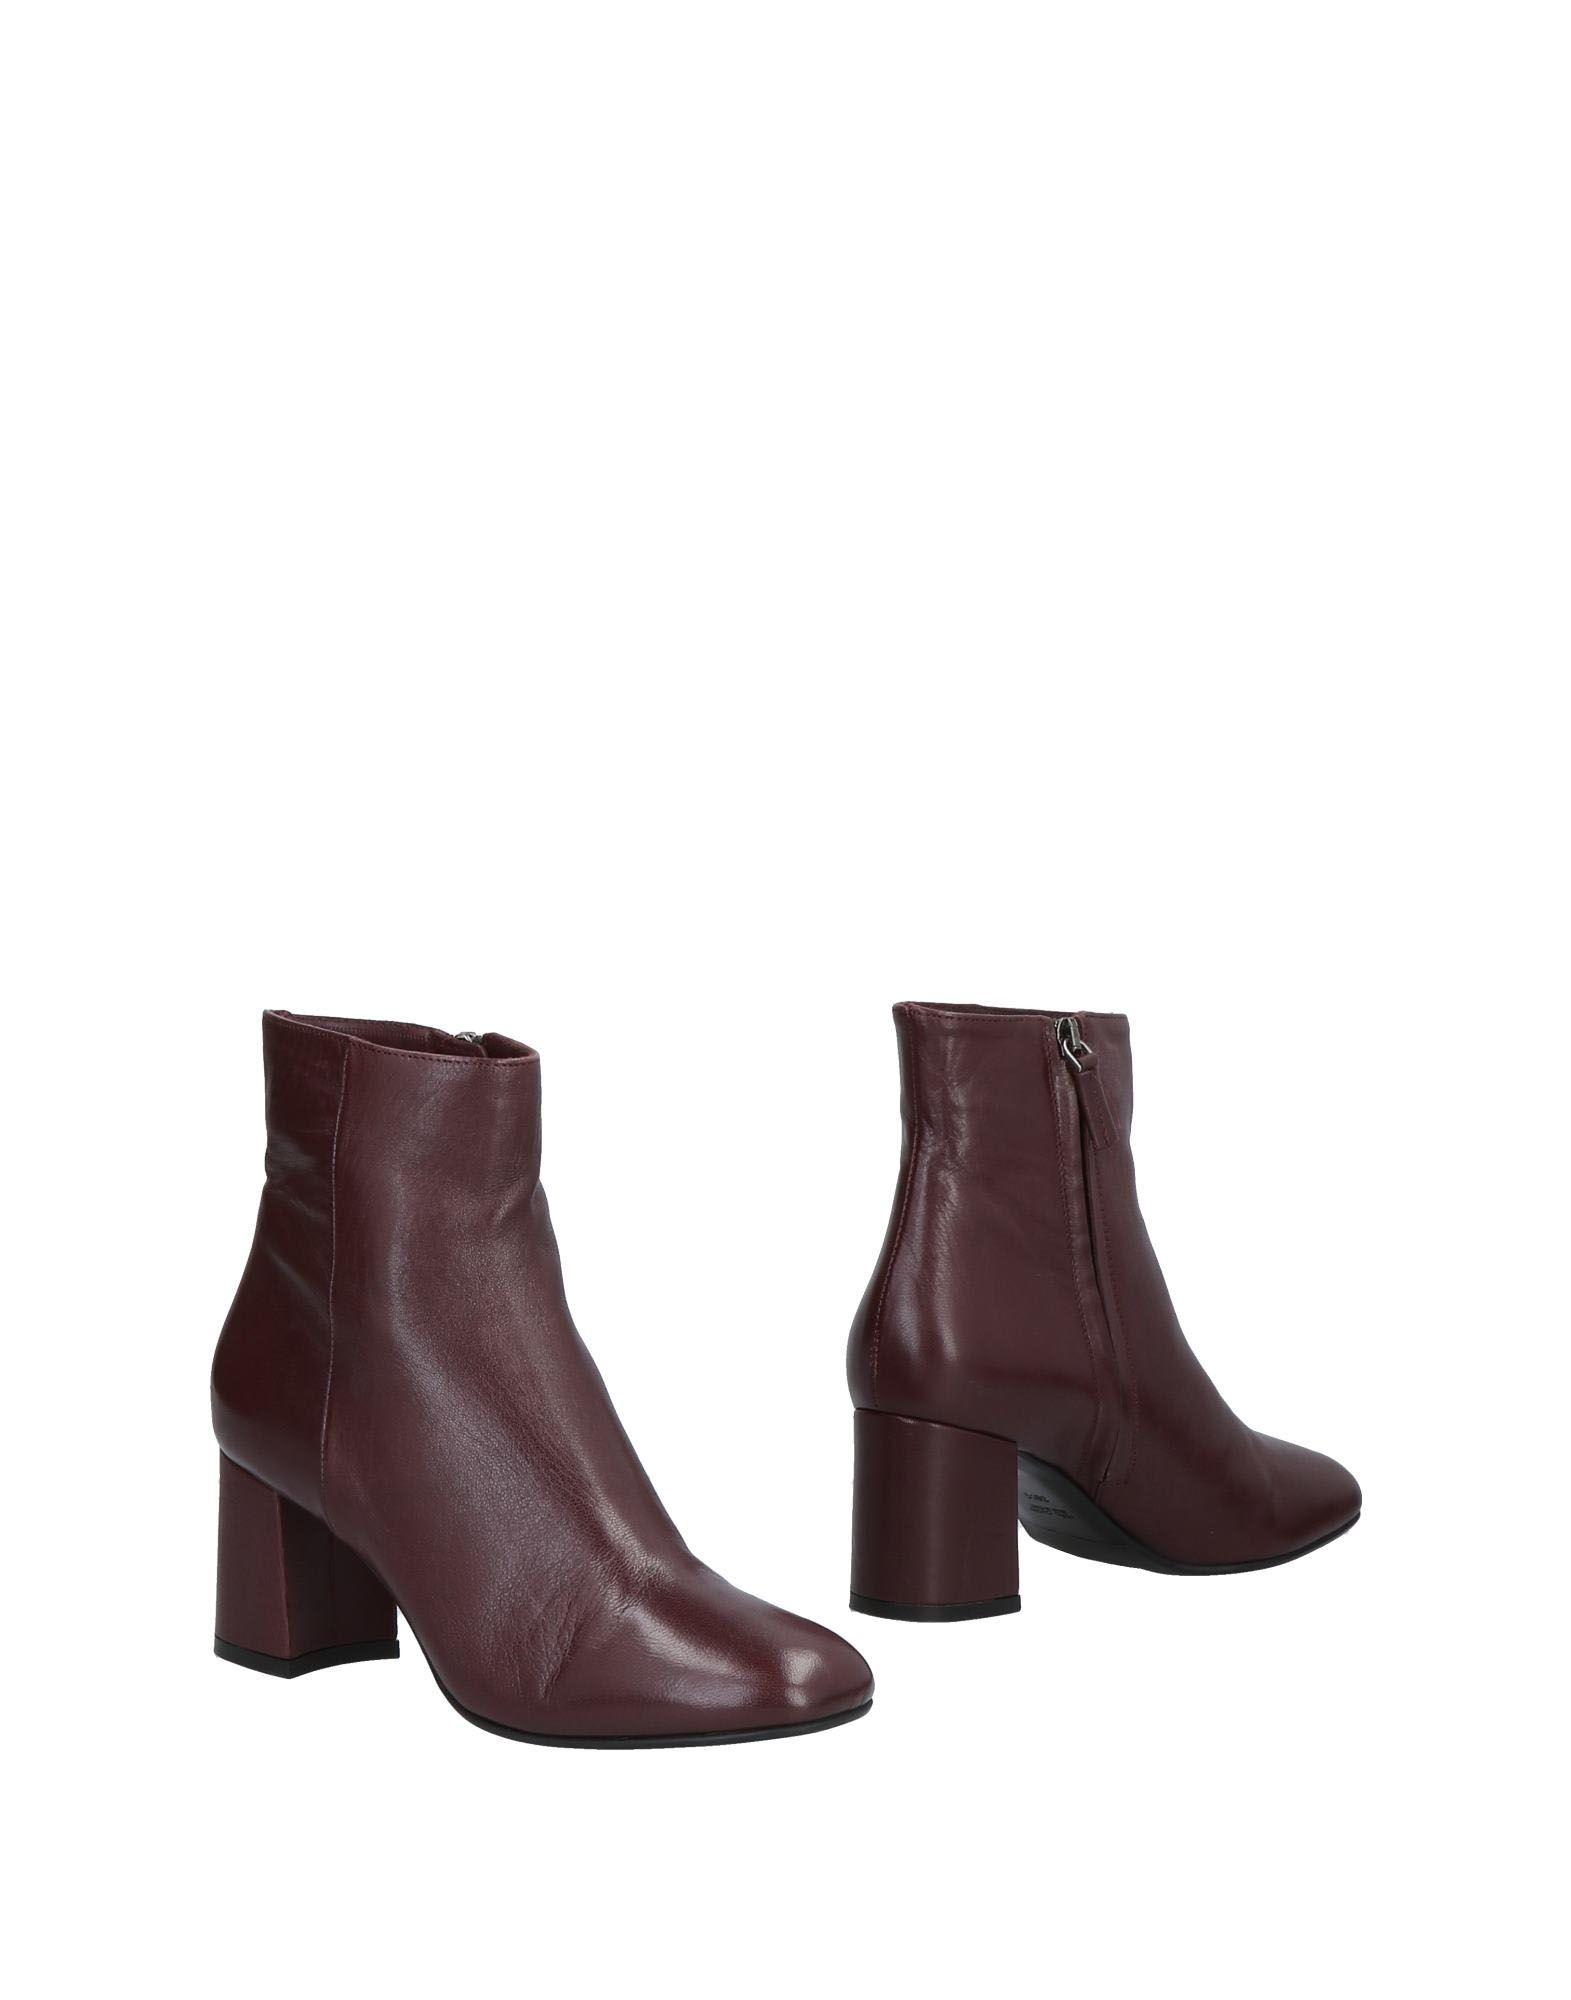 Cuoieria Stiefelette Damen  Qualität 11483140DO Gute Qualität  beliebte Schuhe 553729